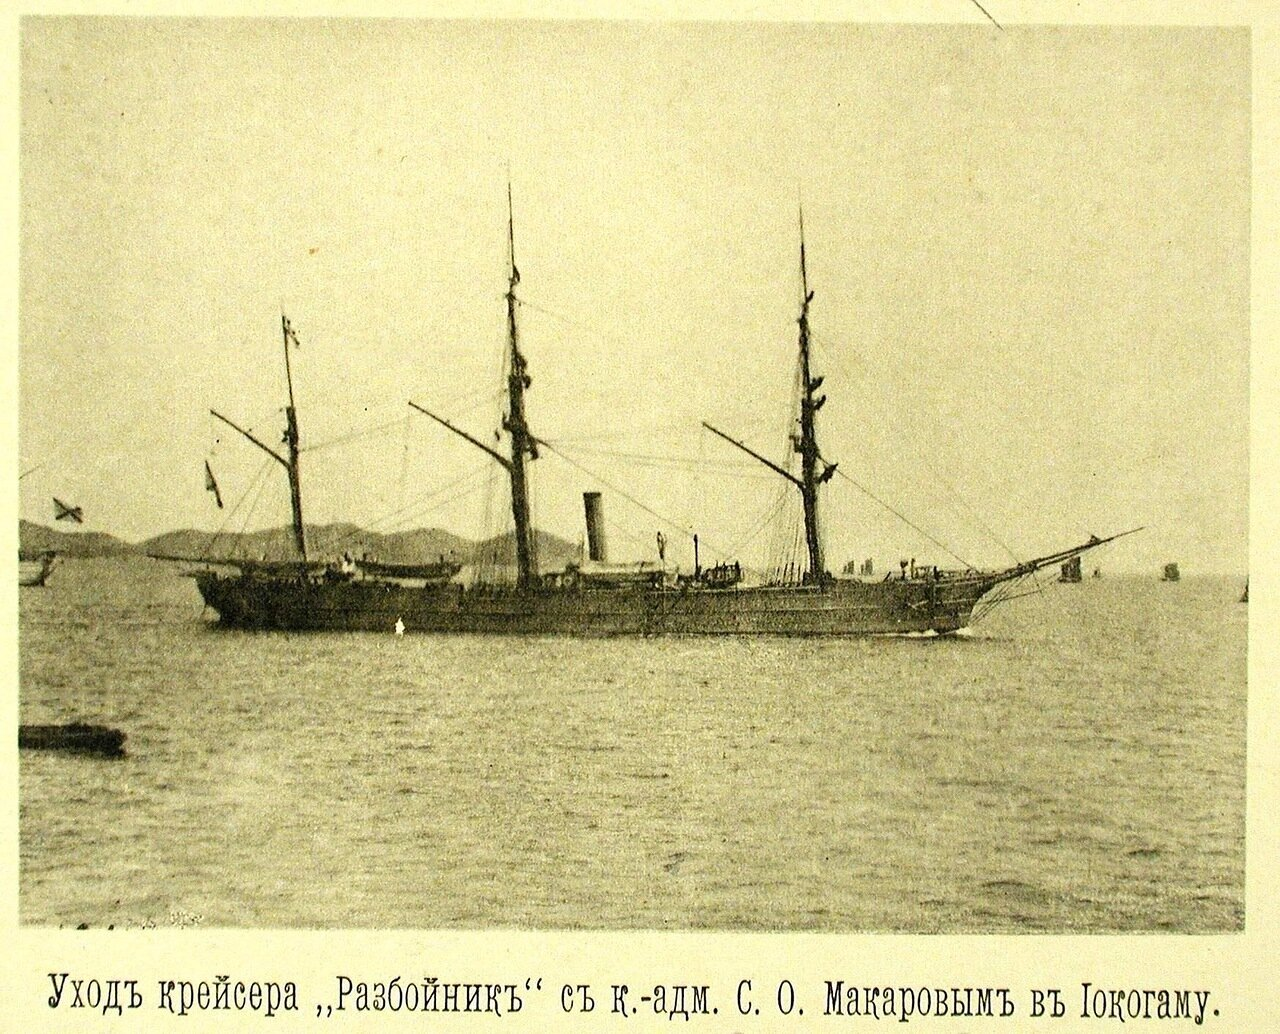 55. Уход крейсера II-го ранга Разбойник с контр-адмиралом С.О.Макаровым в Йокогаму.20 мая 1895